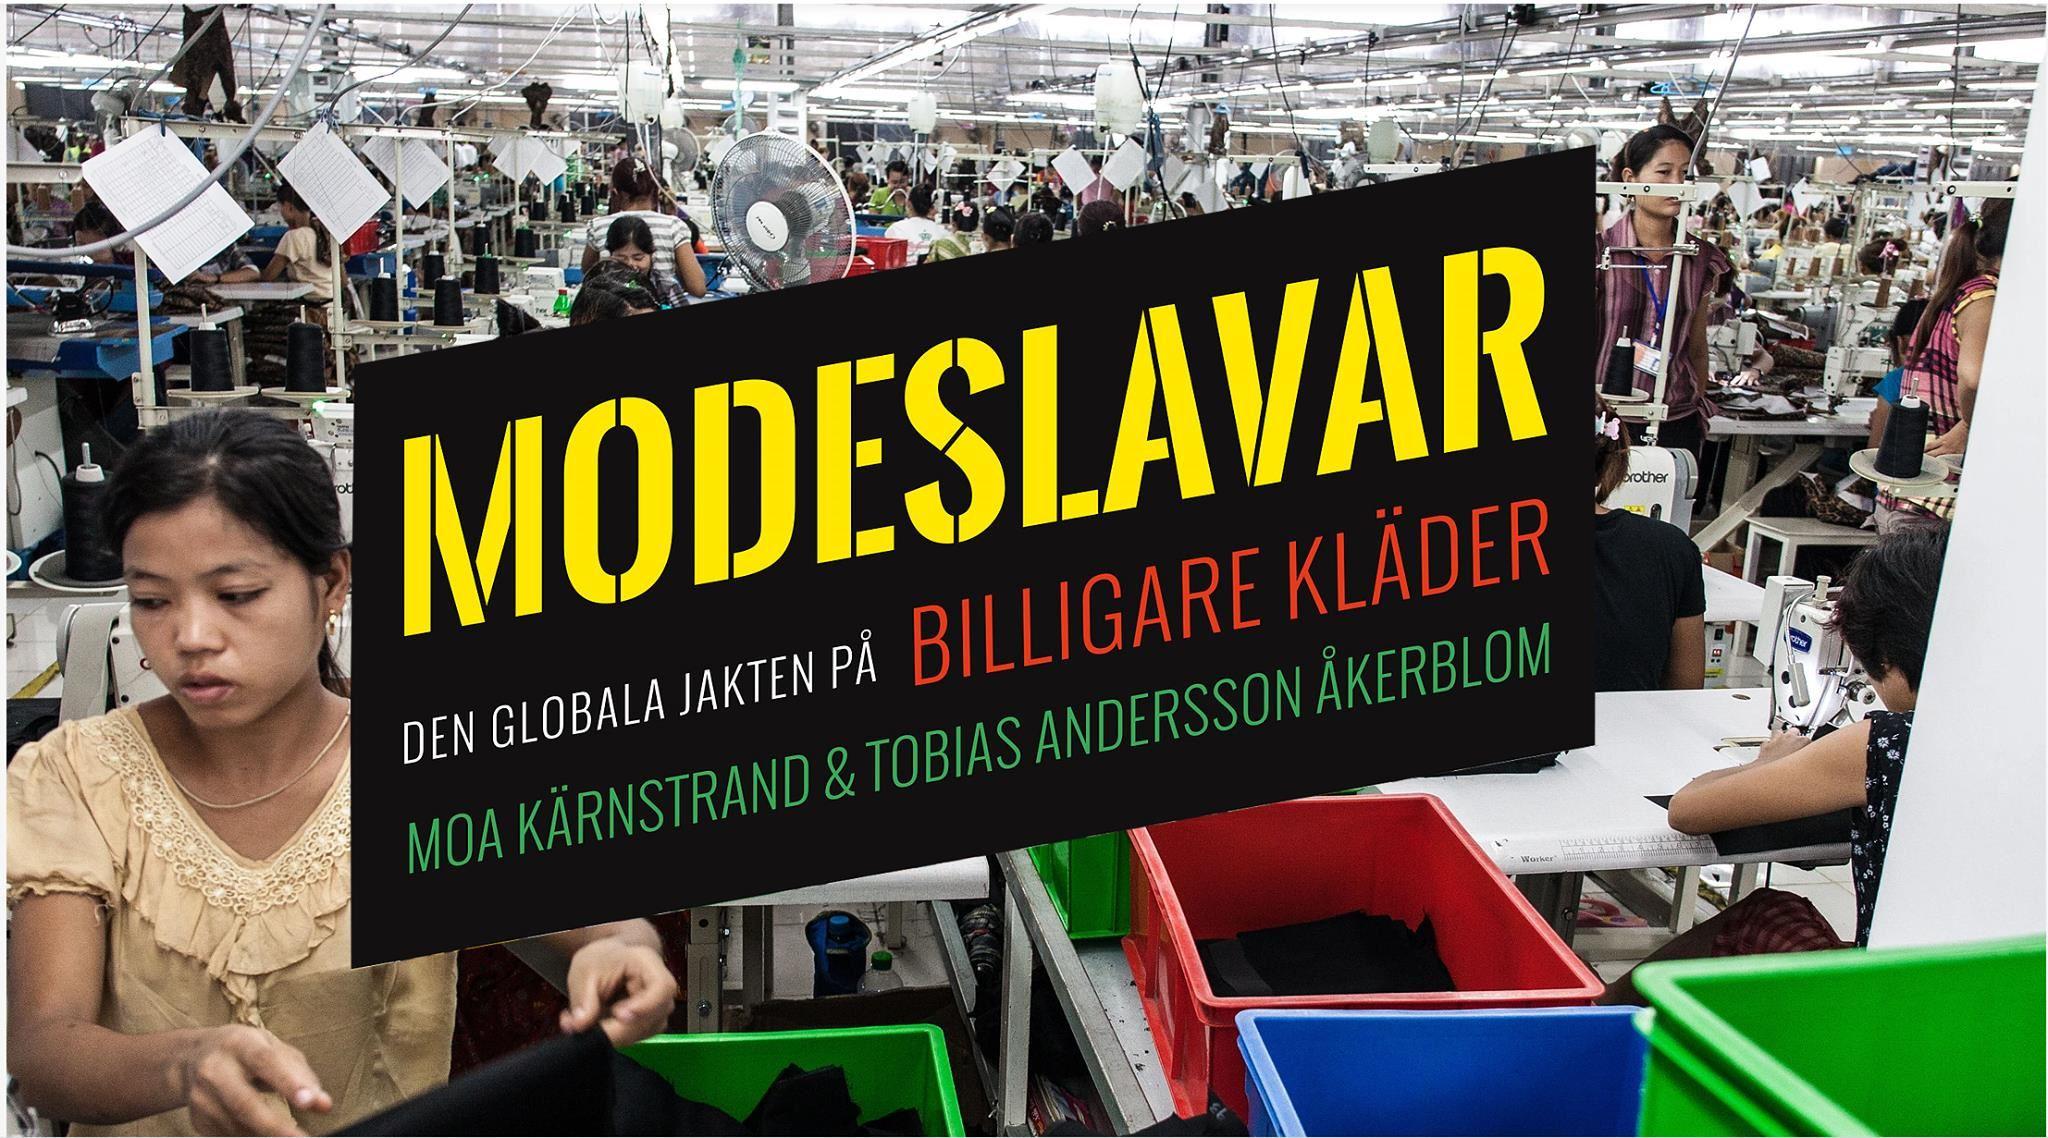 Föreläsning om Modeslavar på Stadsbiblioteket